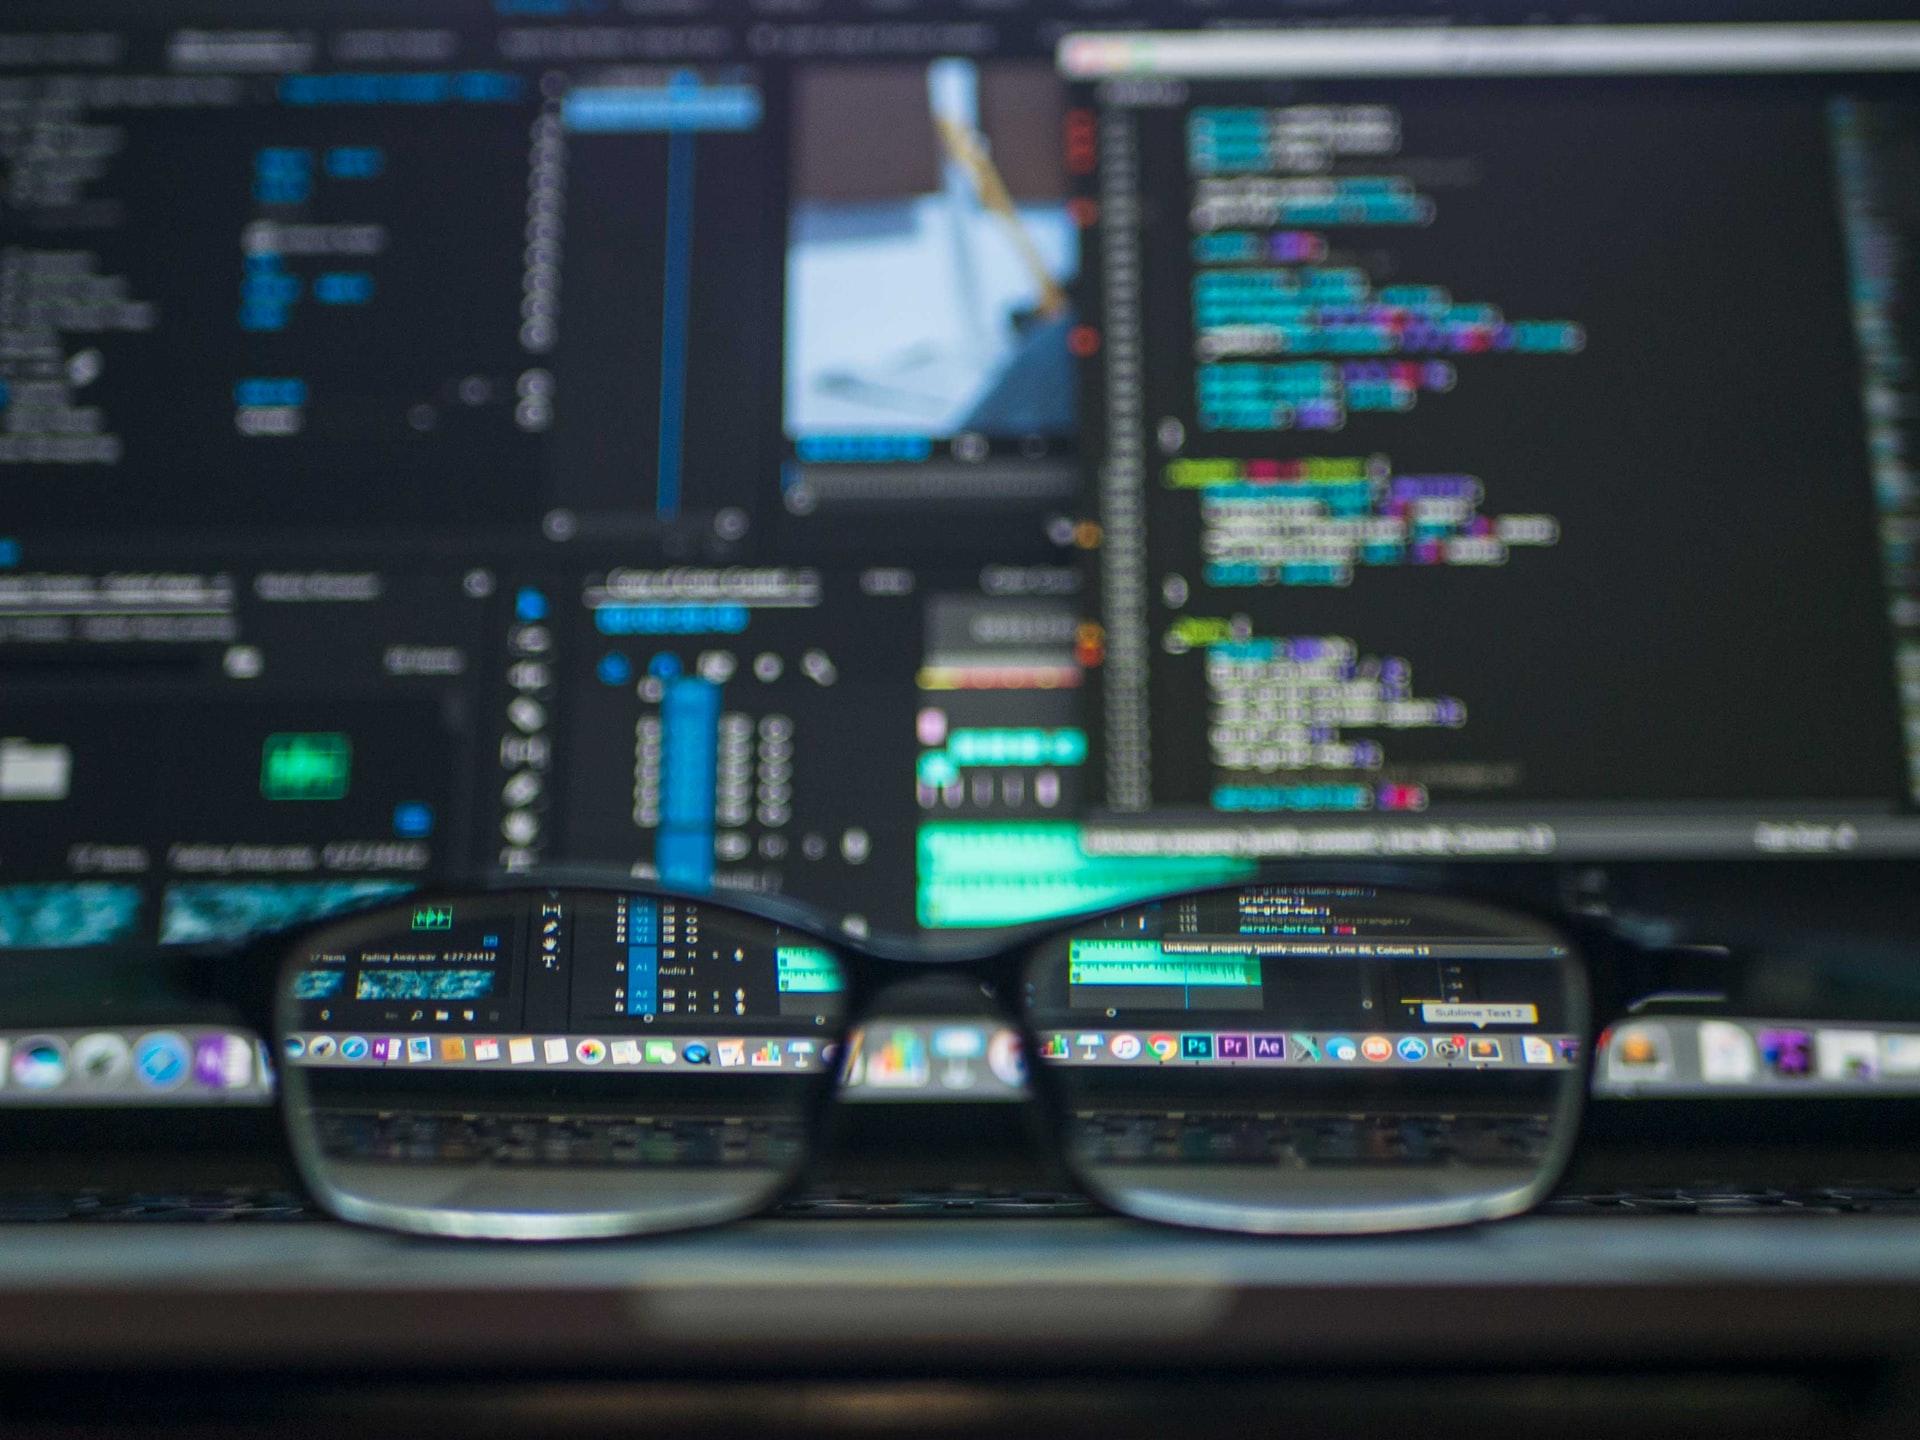 Data-фахівець описав дві умови для розкриття потенціалу даних